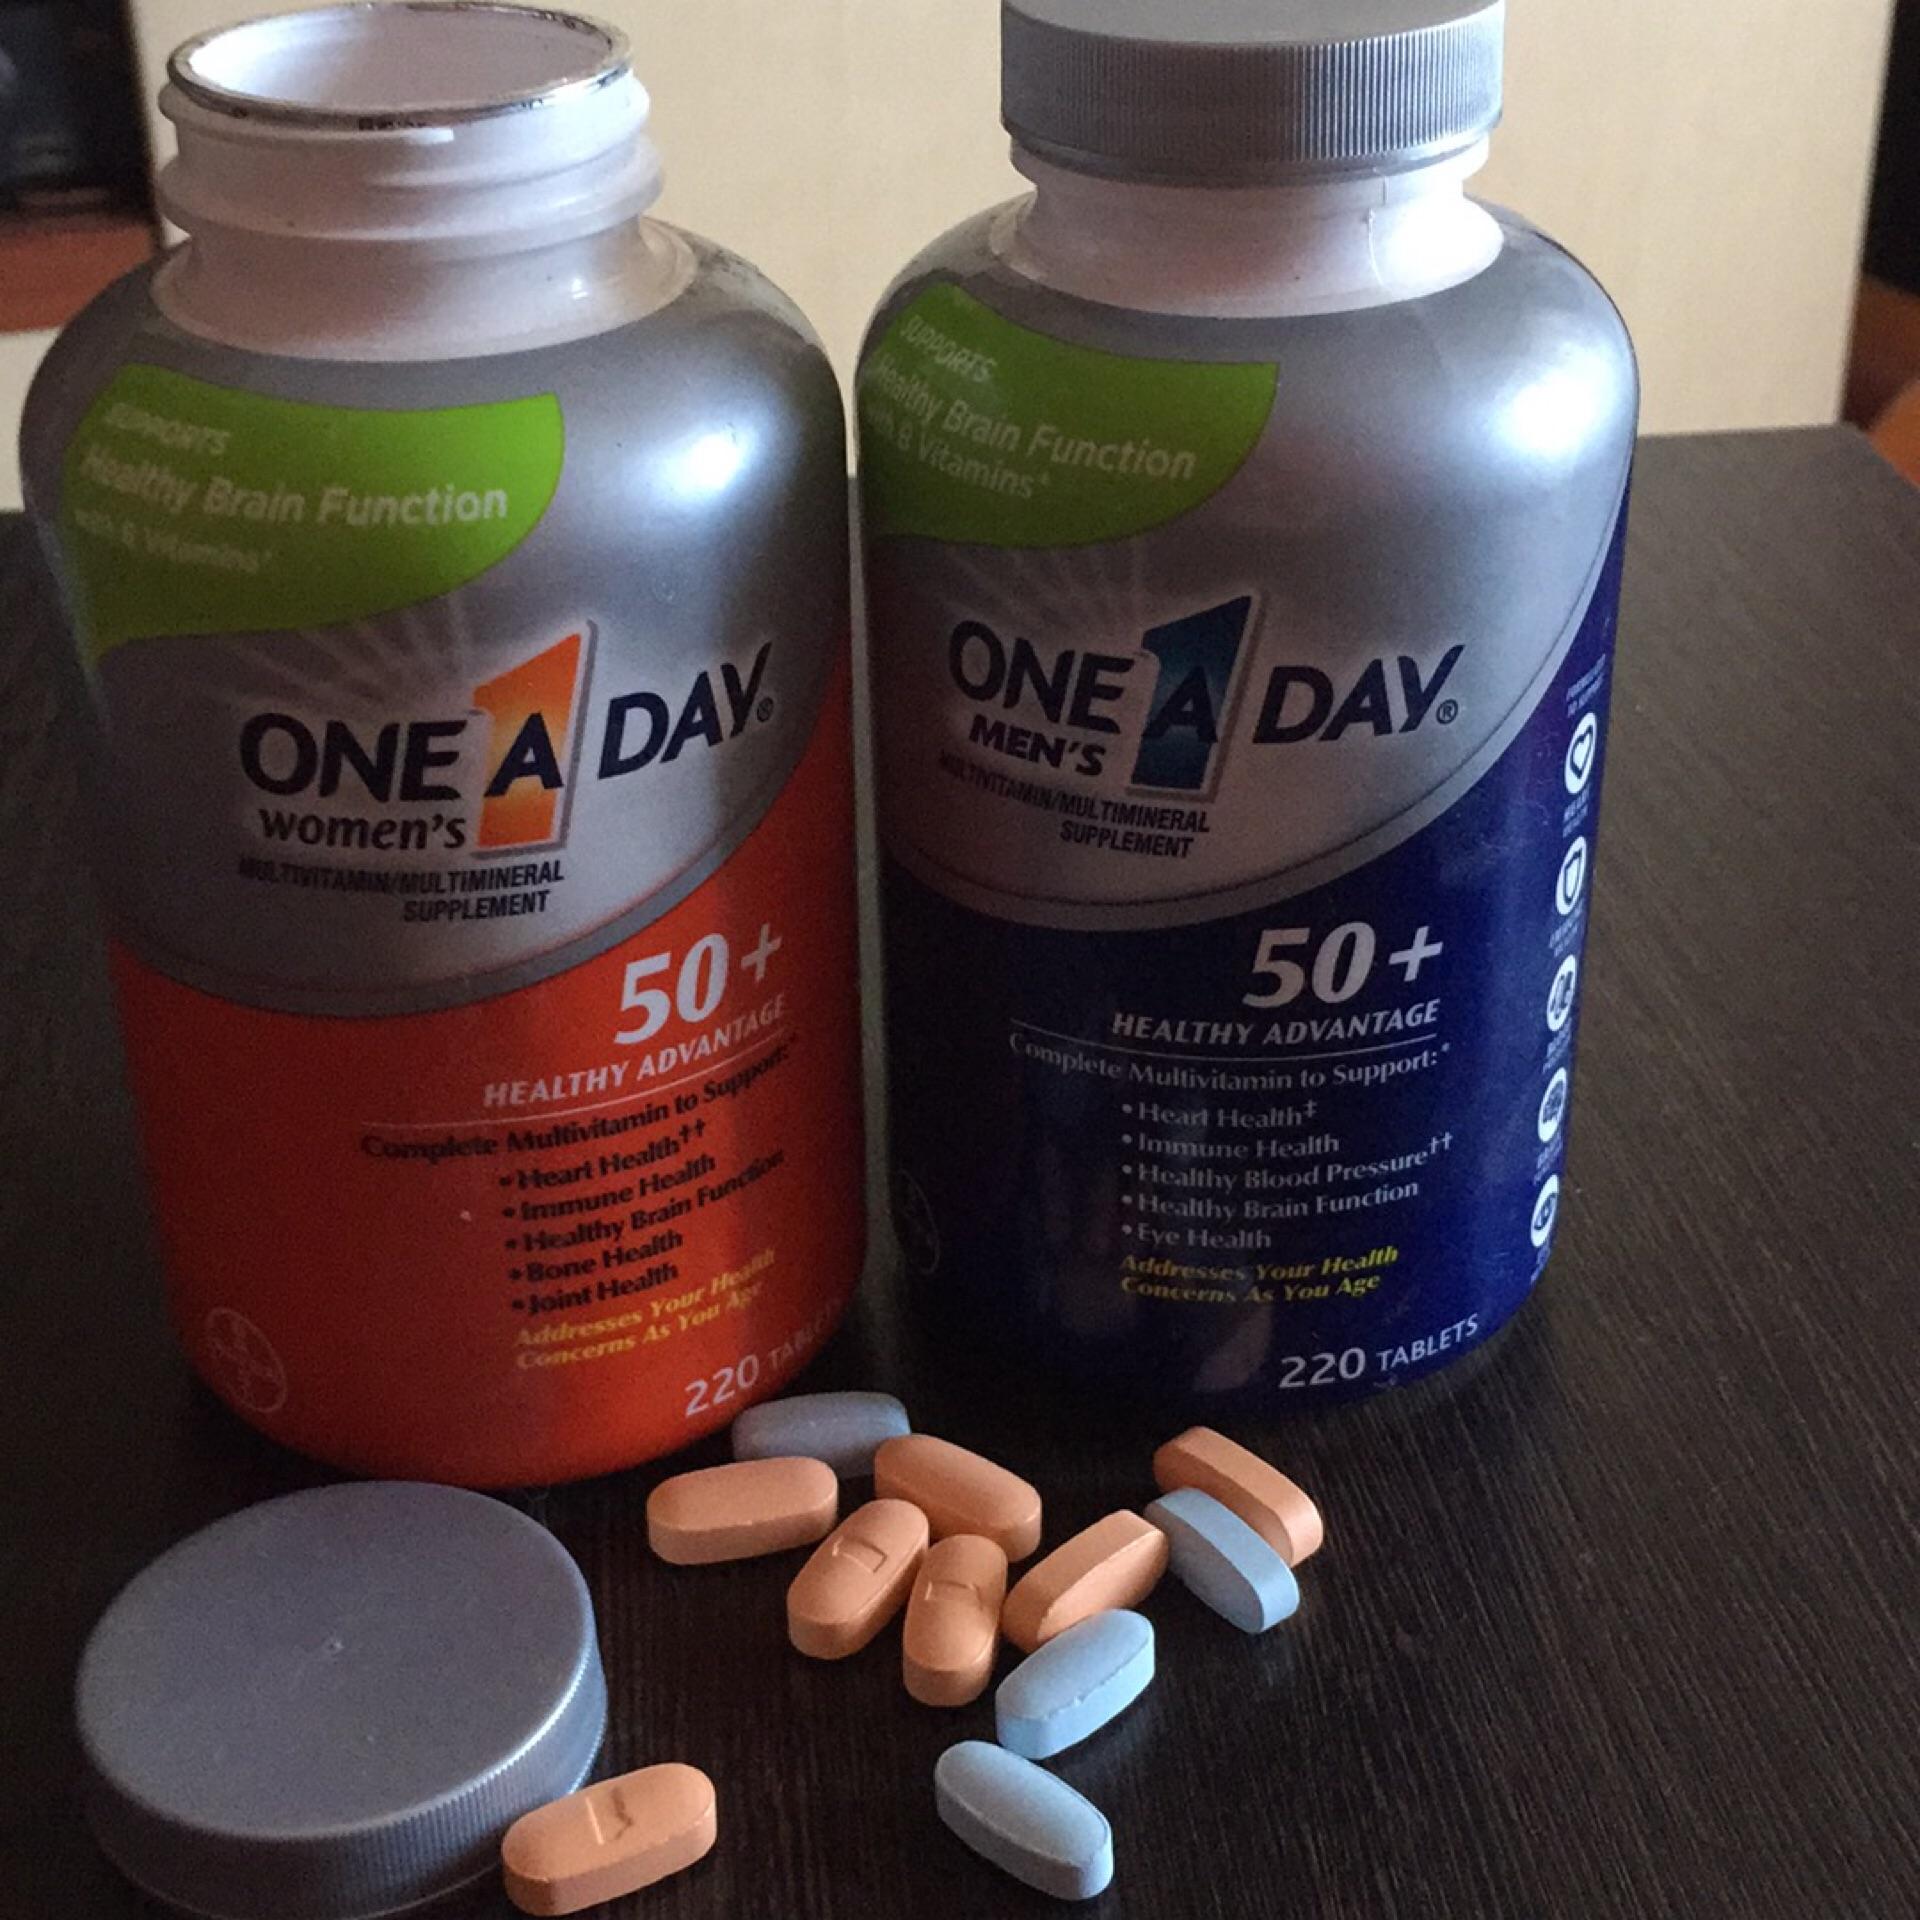 Какие Витамины Лучше Пить При Диетах. Поливитамины при диете: как выбрать комплекс